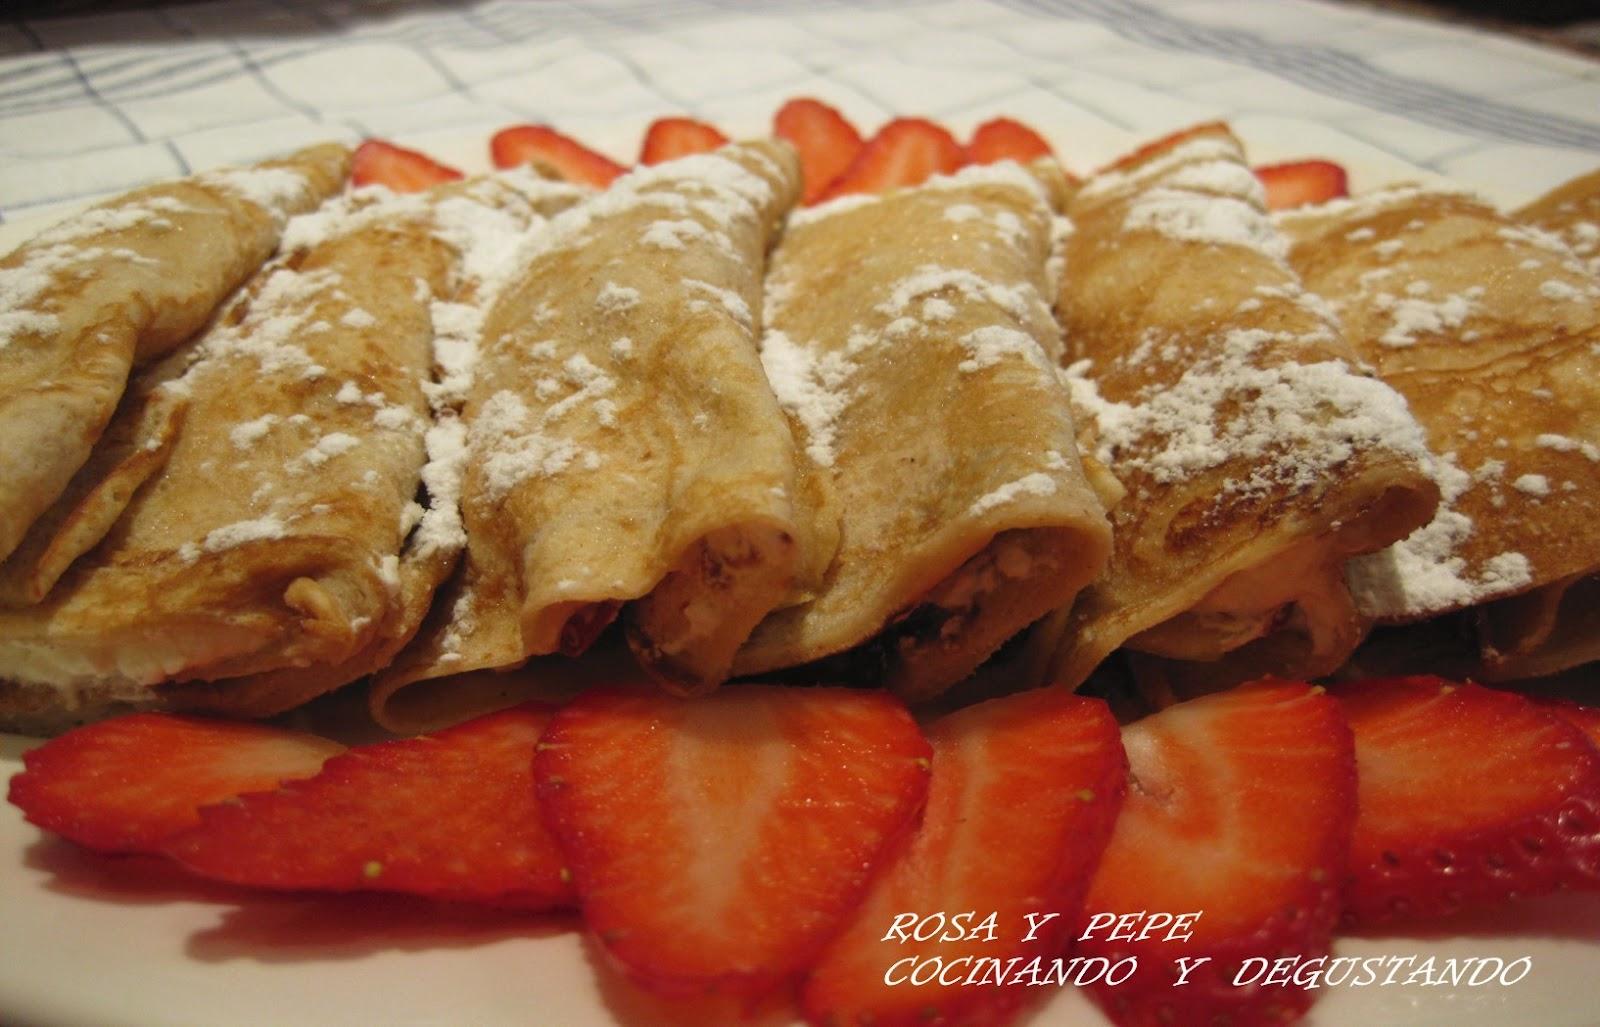 Cocinando y degustando crepes de nata y fresas 32 - Ingredientes para crepes ...